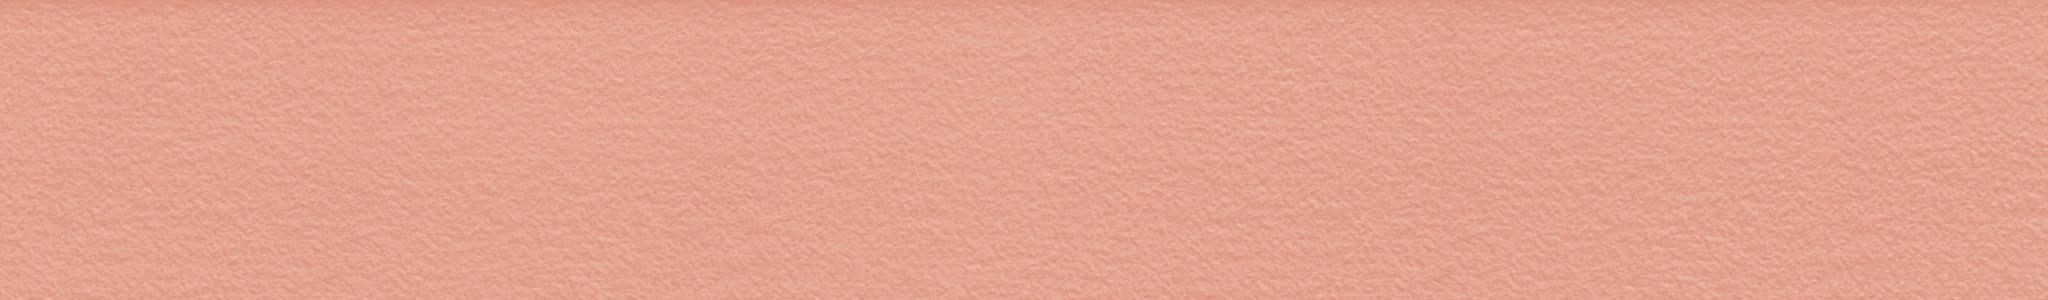 HU 139501 ABS hrana červená perla jemná 107